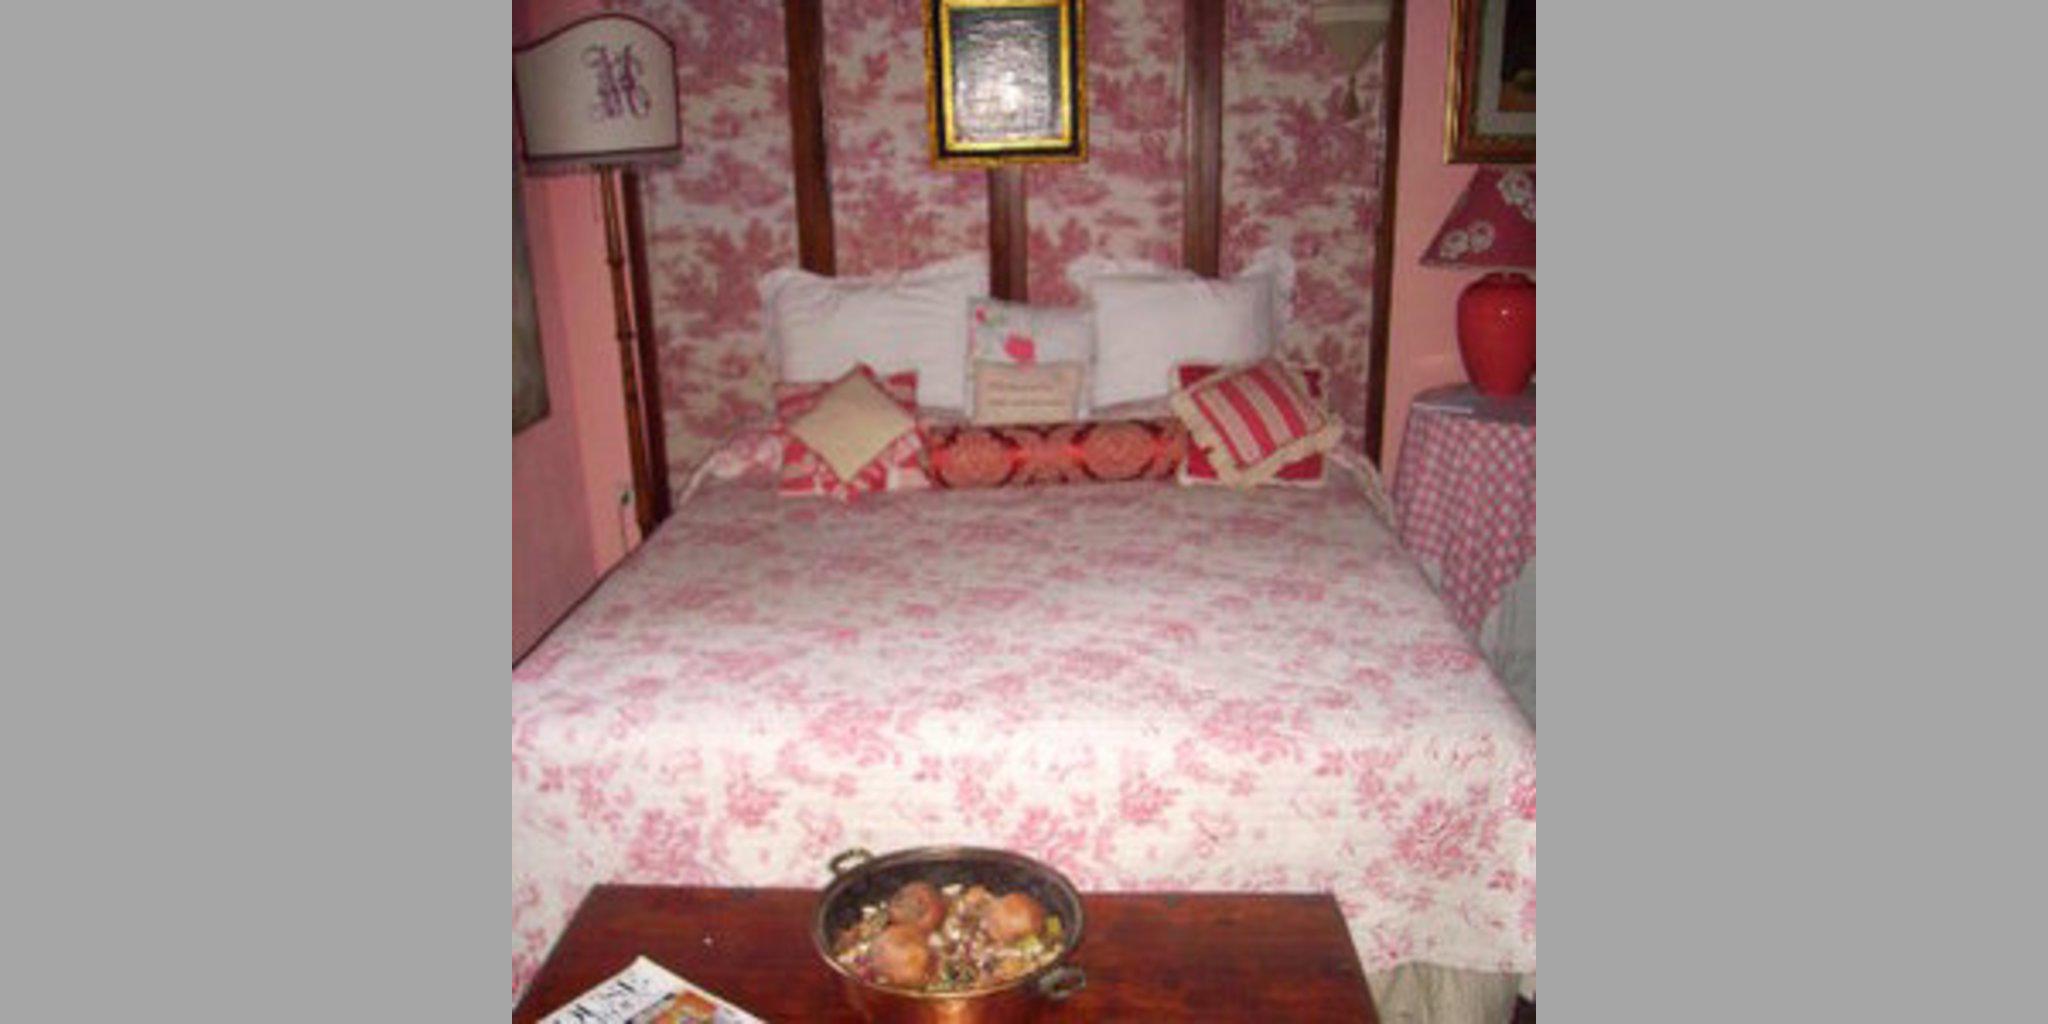 Bed & Breakfast Gallicano - Trassilico